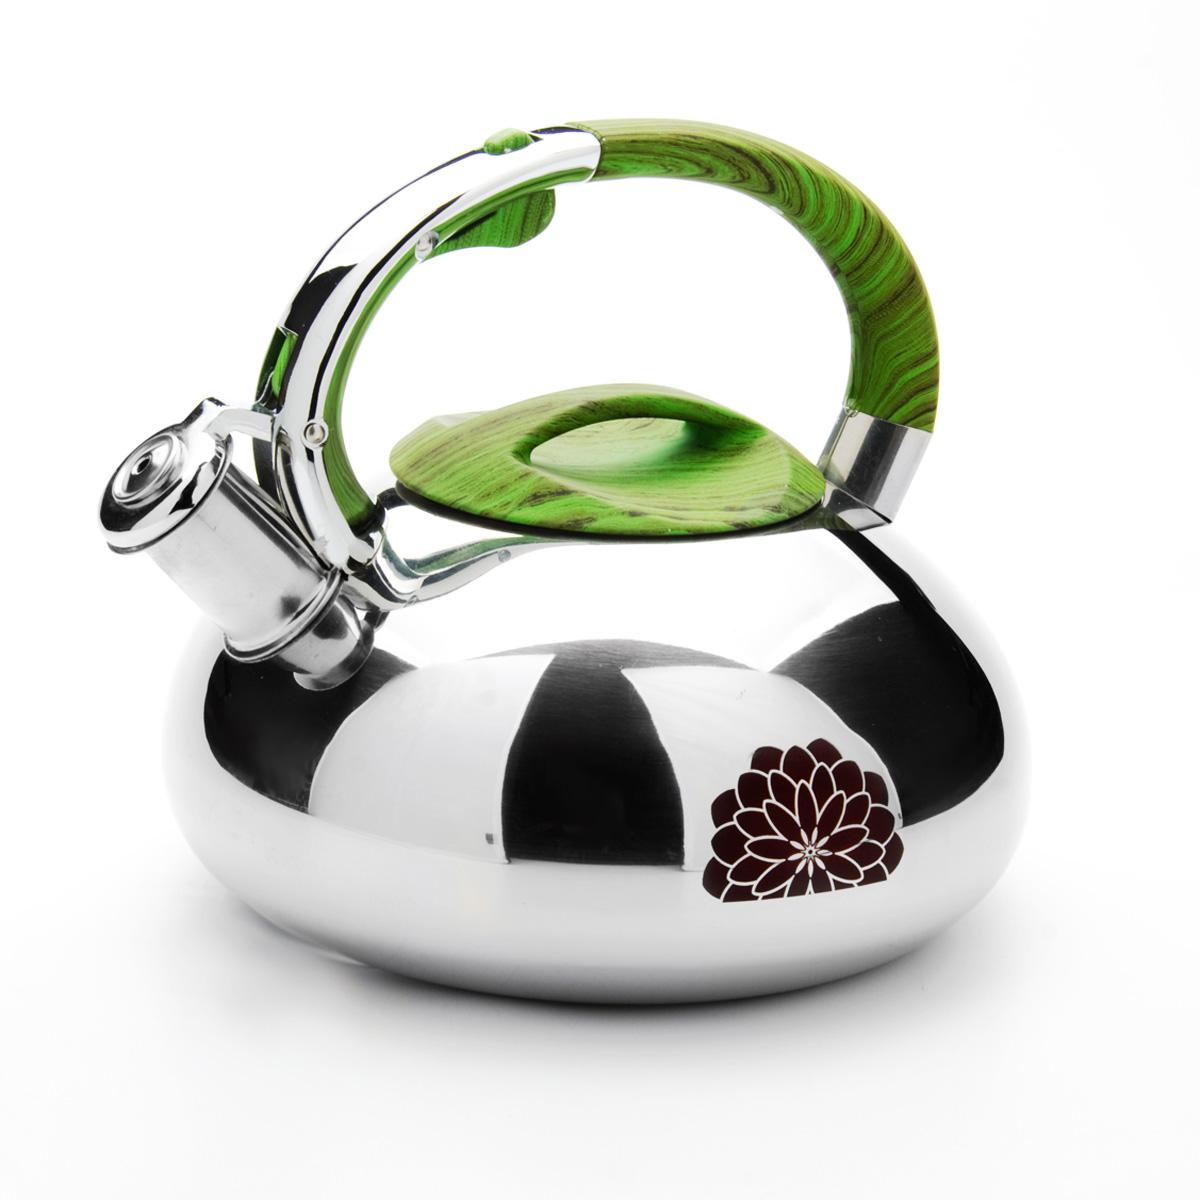 Чайник Mayer & Boch, со свистком, 2,9 л. 23589391602Чайник Mayer & Boch выполнен из зеркальной нержавеющей стали высокой прочности. Чайник оснащен откидным свистком, который громко оповестит о закипании воды. Удобная эргономичная ручка и крышка выполнены из нейлона. Такой чайник идеально впишется в интерьер любой кухни и станет замечательным подарком к любому случаю. Подходит для всех типов плит, включая индукционные. Можно мыть в посудомоечной машине. Диаметр чайника по верхнему краю: 10 см. Диаметр индукционного диска: 17 см. Высота чайника (с учетом ручки): 20 см.